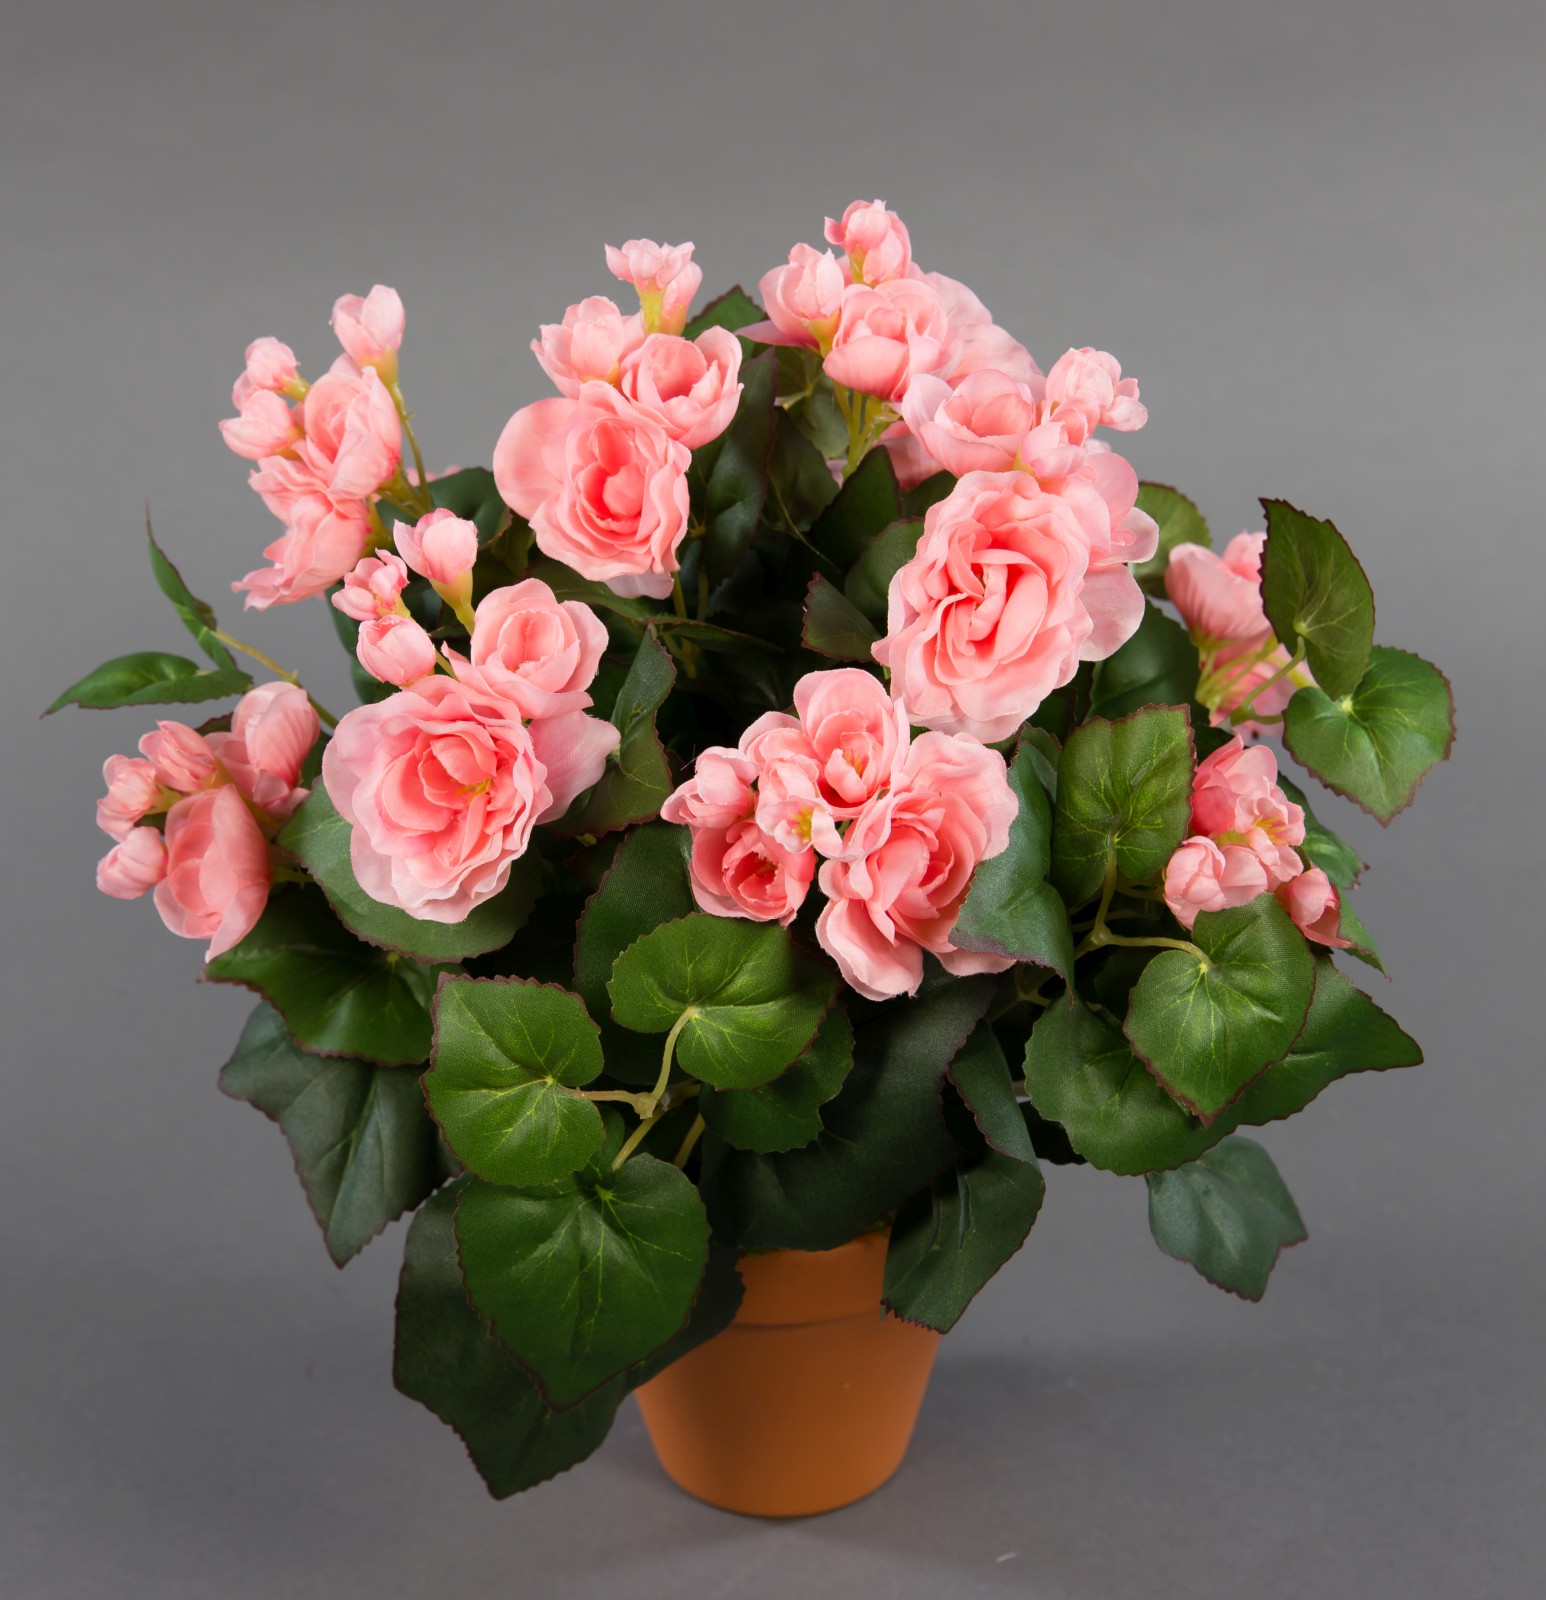 gro e begonie 32cm rosa im topf lm kunstpflanzen k nstliche blumen kunstblumen ebay. Black Bedroom Furniture Sets. Home Design Ideas